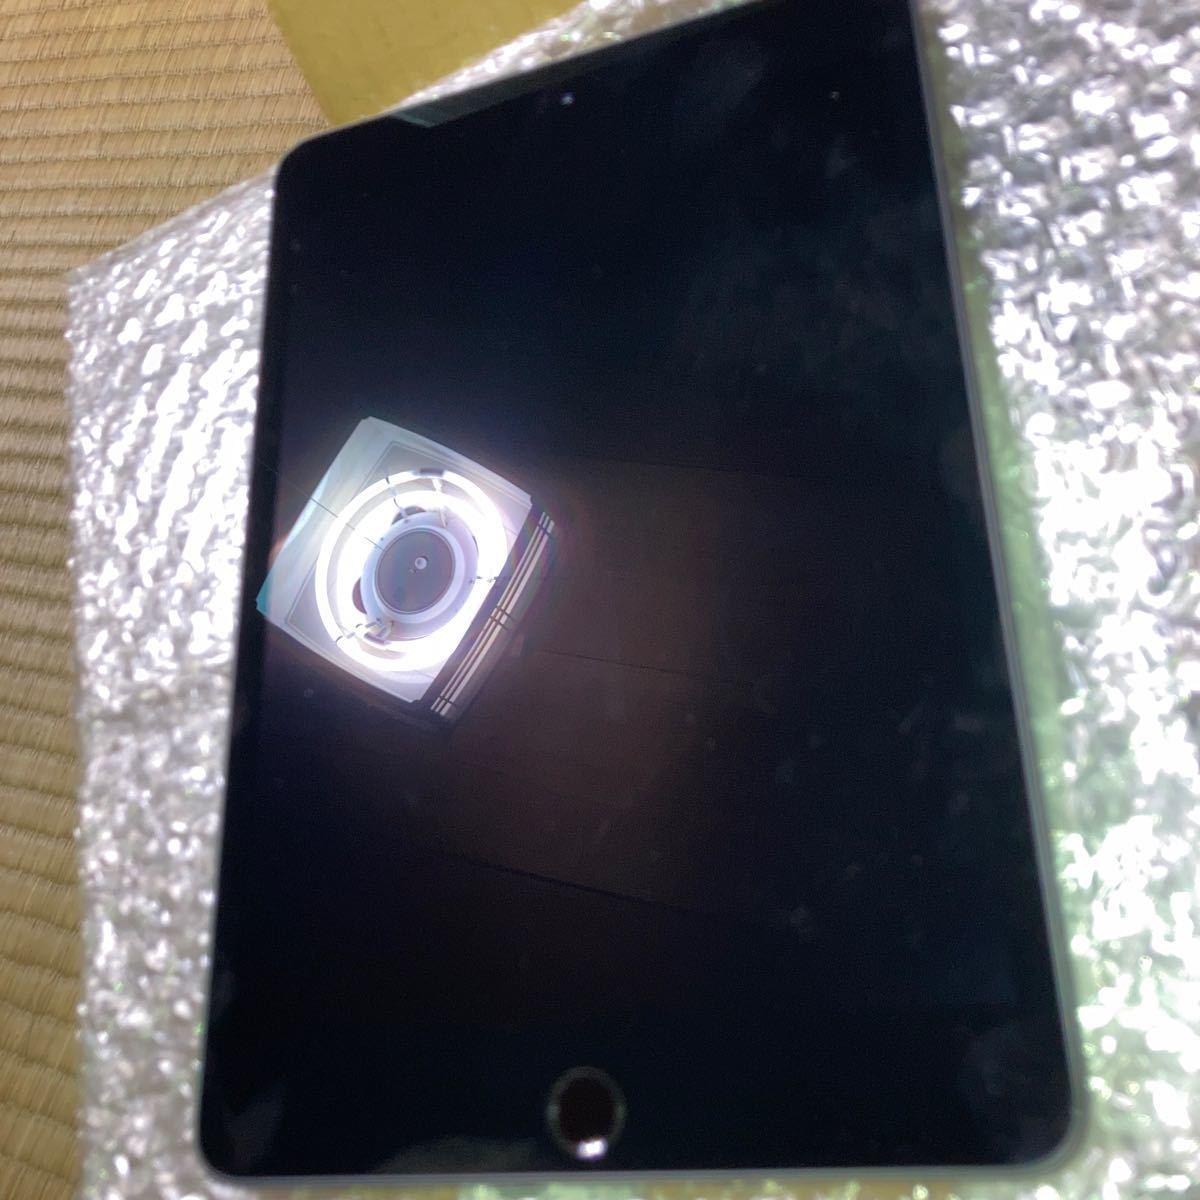 【ほぼ未使用】残債なし iPad mini 5 256GB スペースグレイ Cellular SIMフリー iPad mini5 iPad mini 第5世代 Apple 本体のみ_画像3